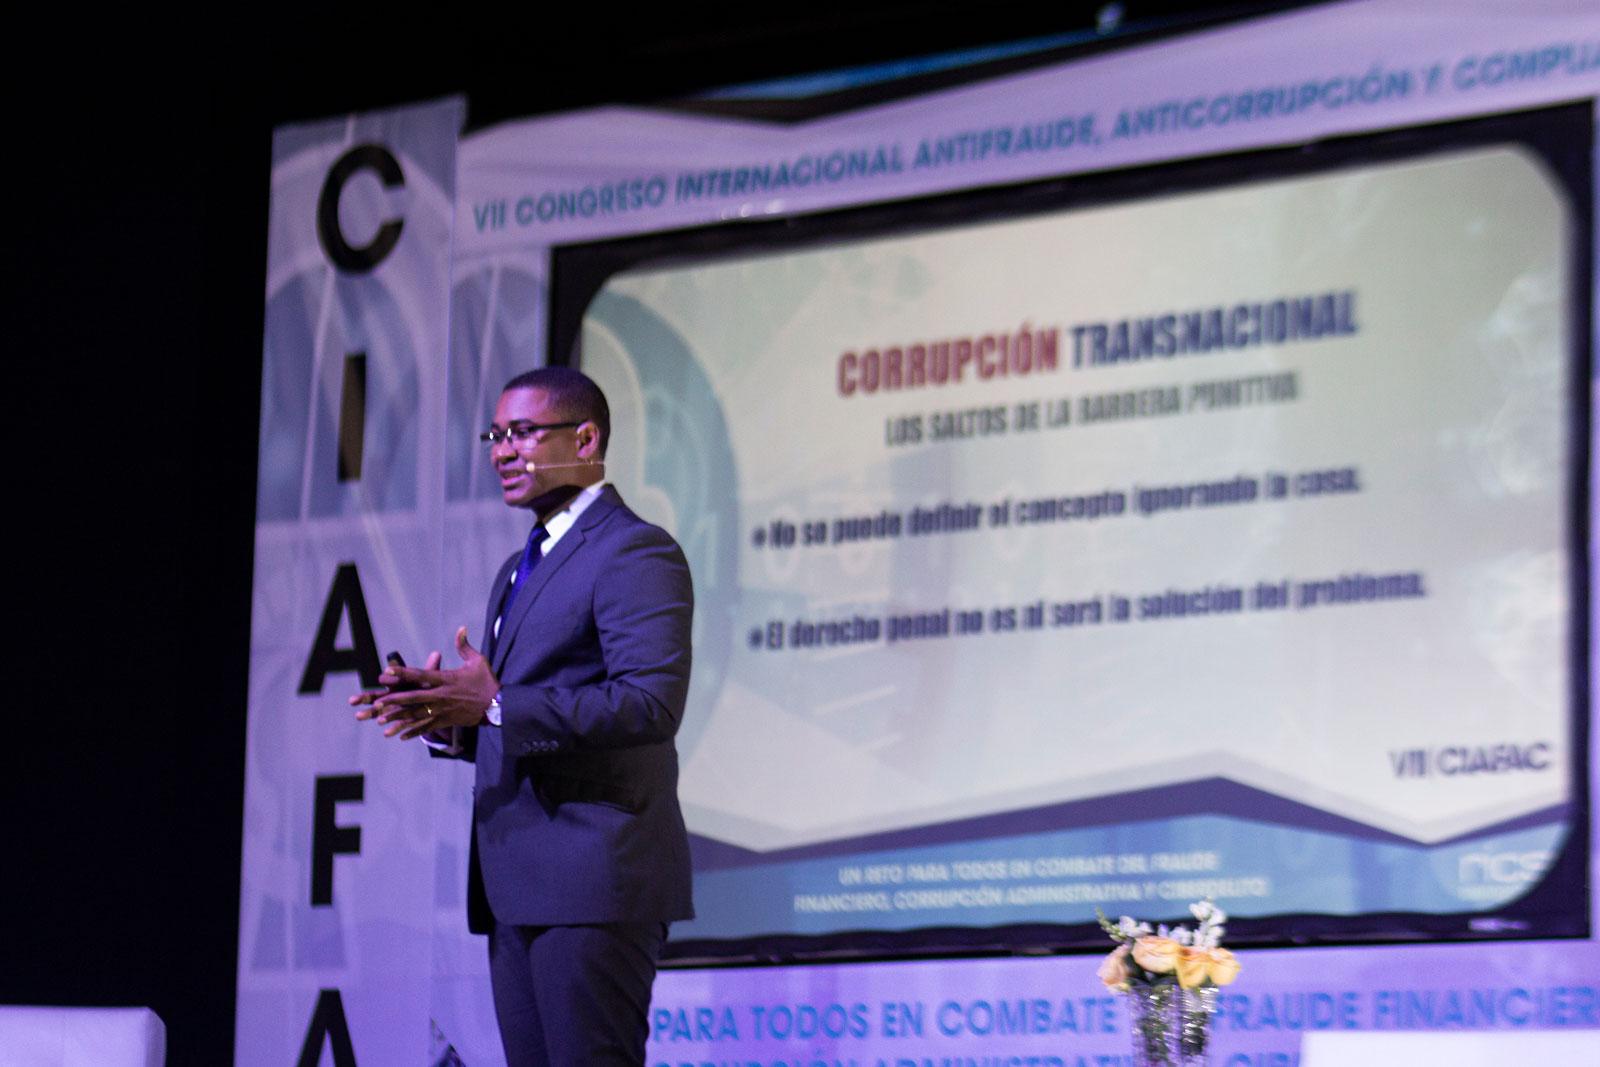 Observatorio Judicial Dominicano participa en el VII Congreso Internacional Antifraude